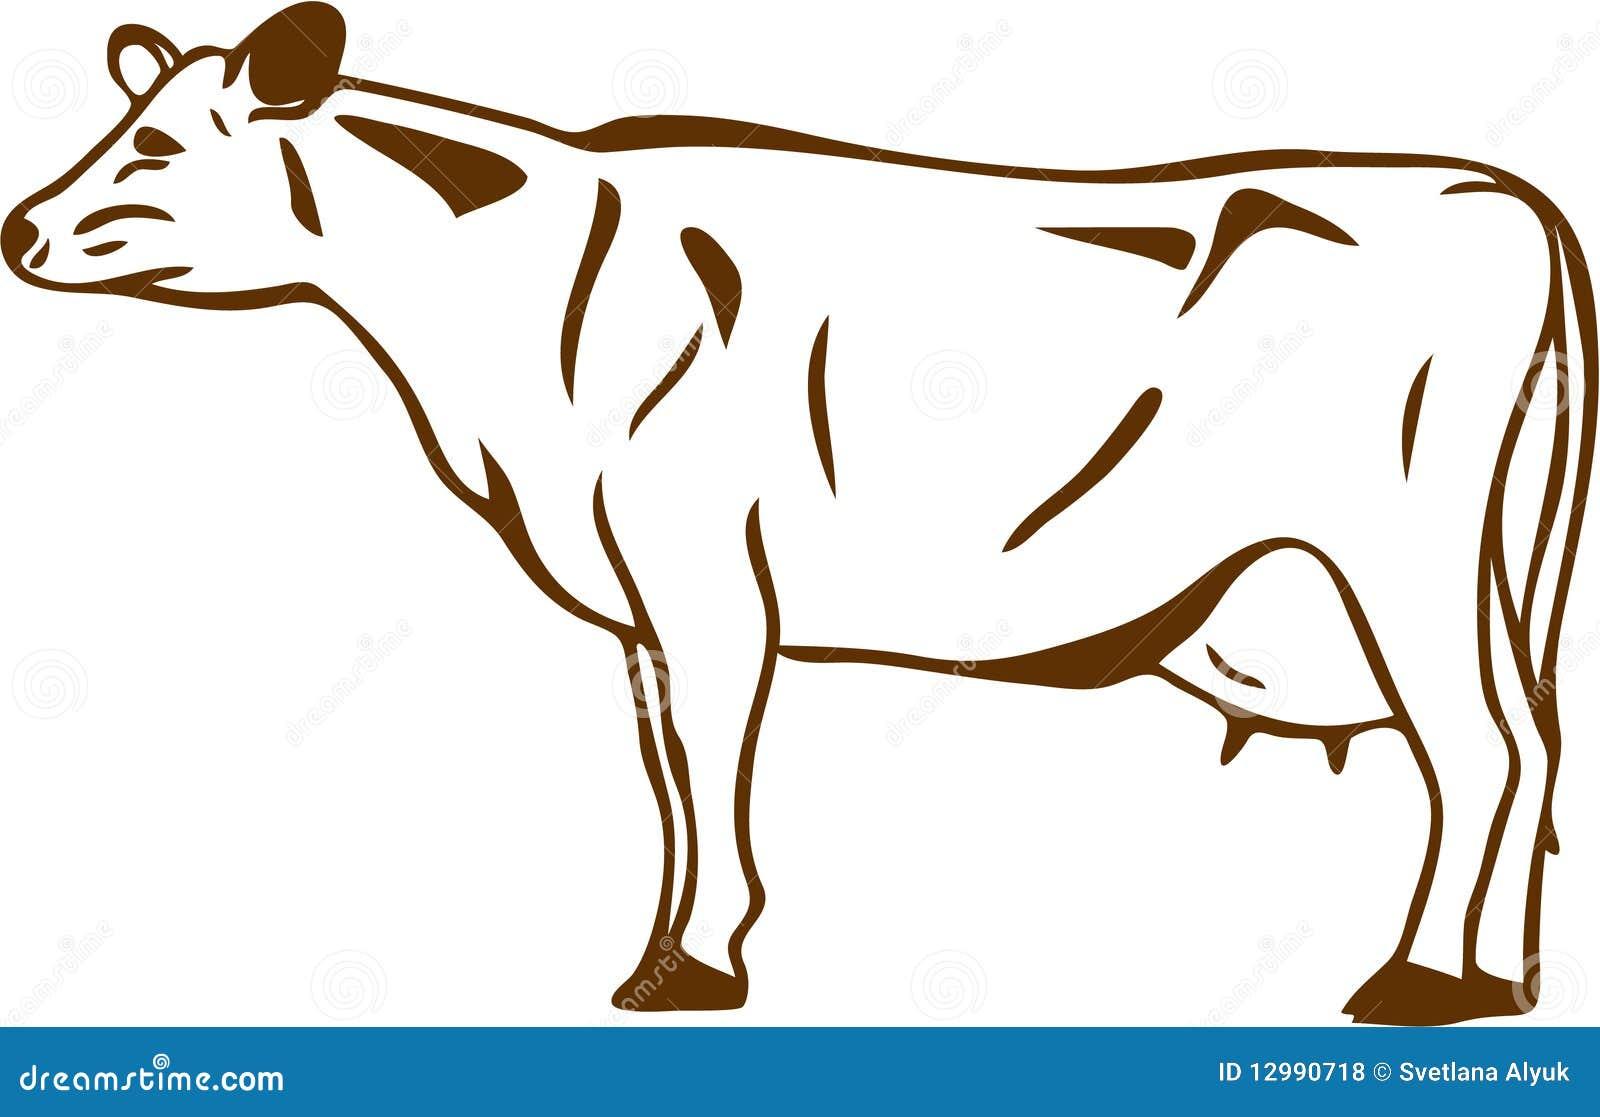 food temperature diagram cow vector royalty free stock photos image 12990718 food web diagram #11